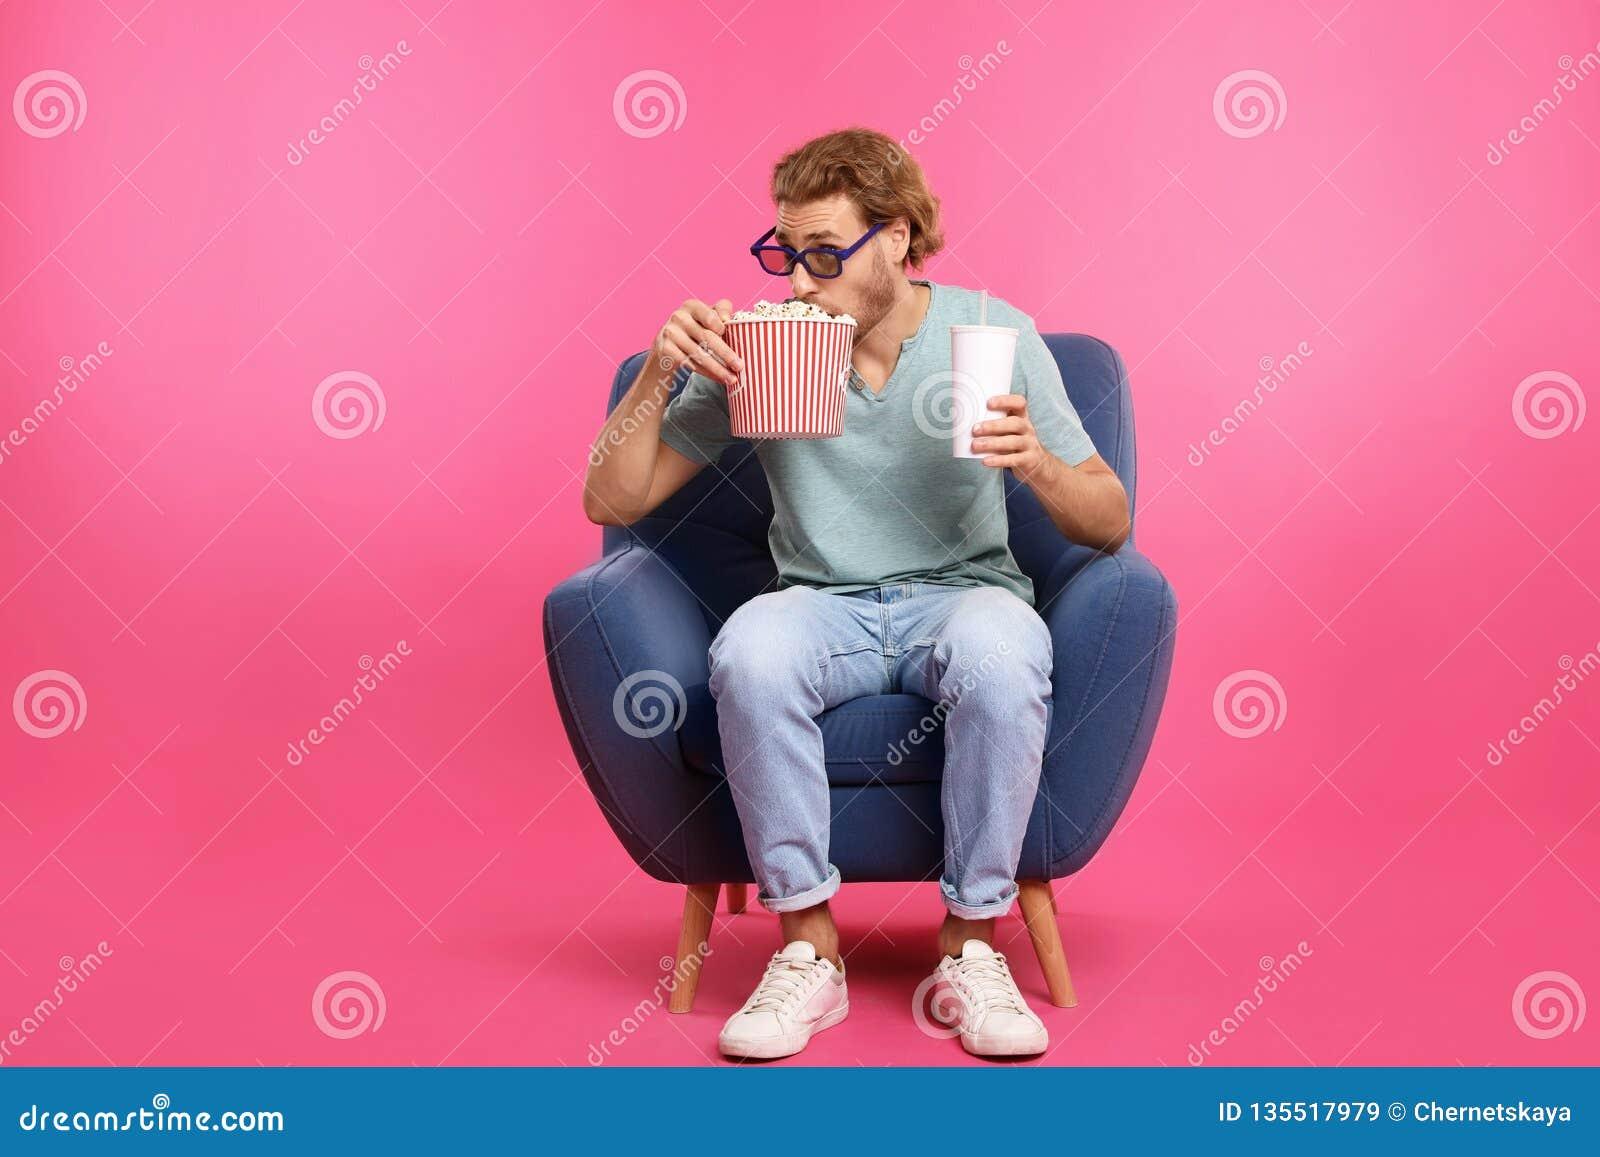 Το άτομο με τα τρισδιάστατα γυαλιά, popcorn και ποτών η συνεδρίαση στην πολυθρόνα κατά τη διάρκεια του κινηματογράφου παρουσιάζου